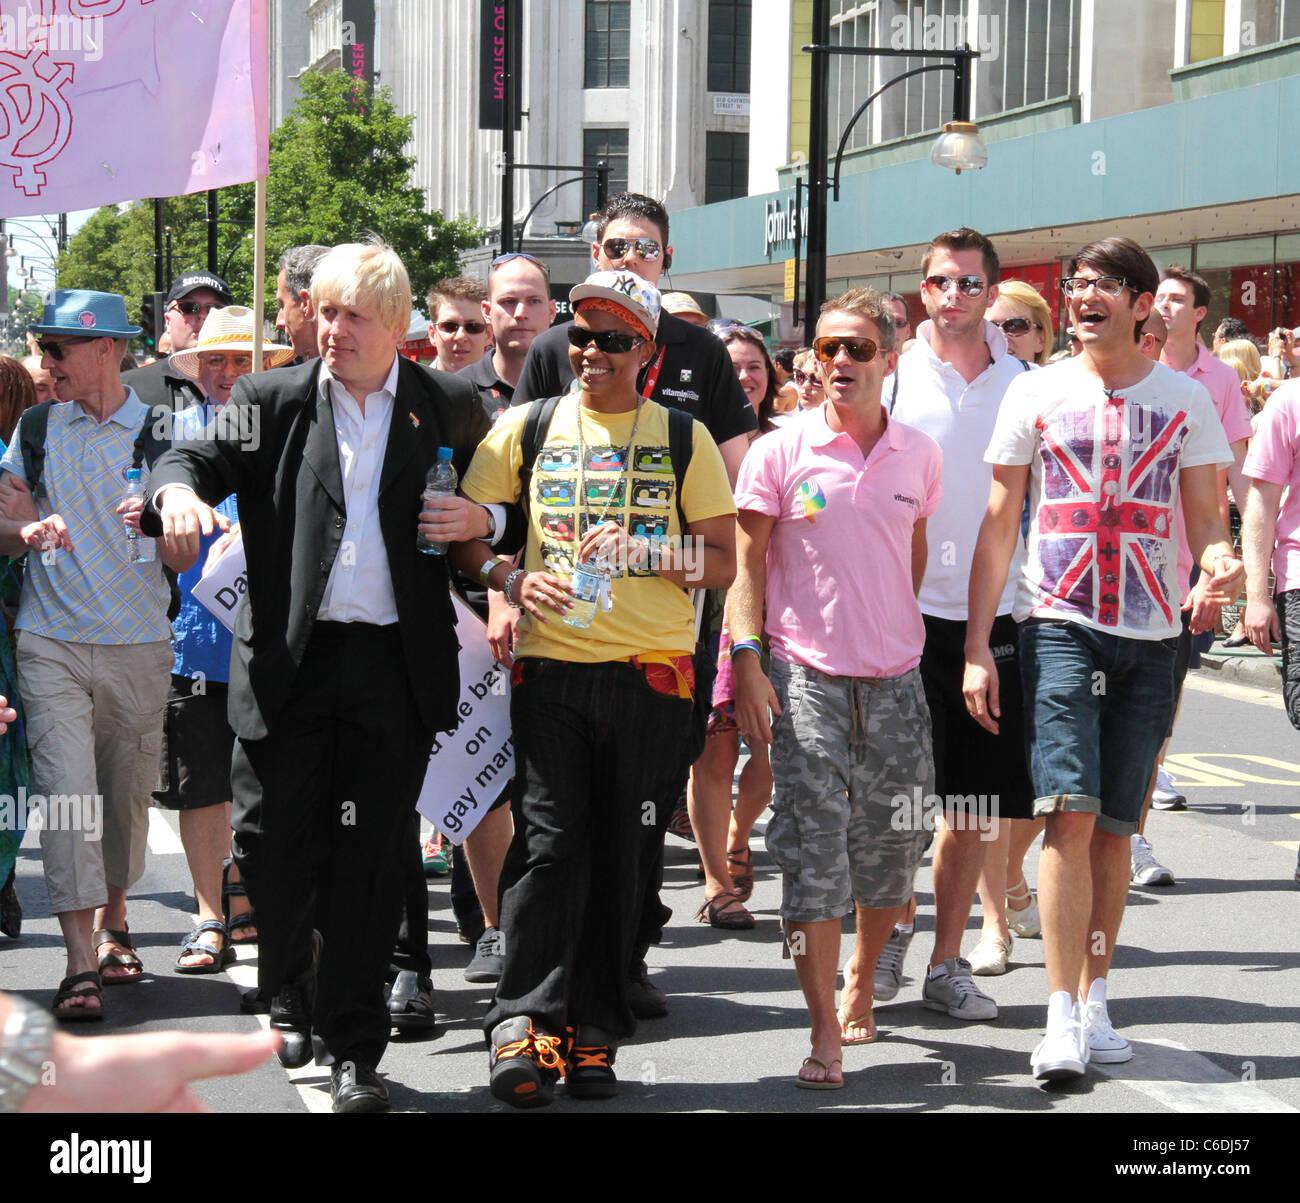 London ontario gay pride 2010